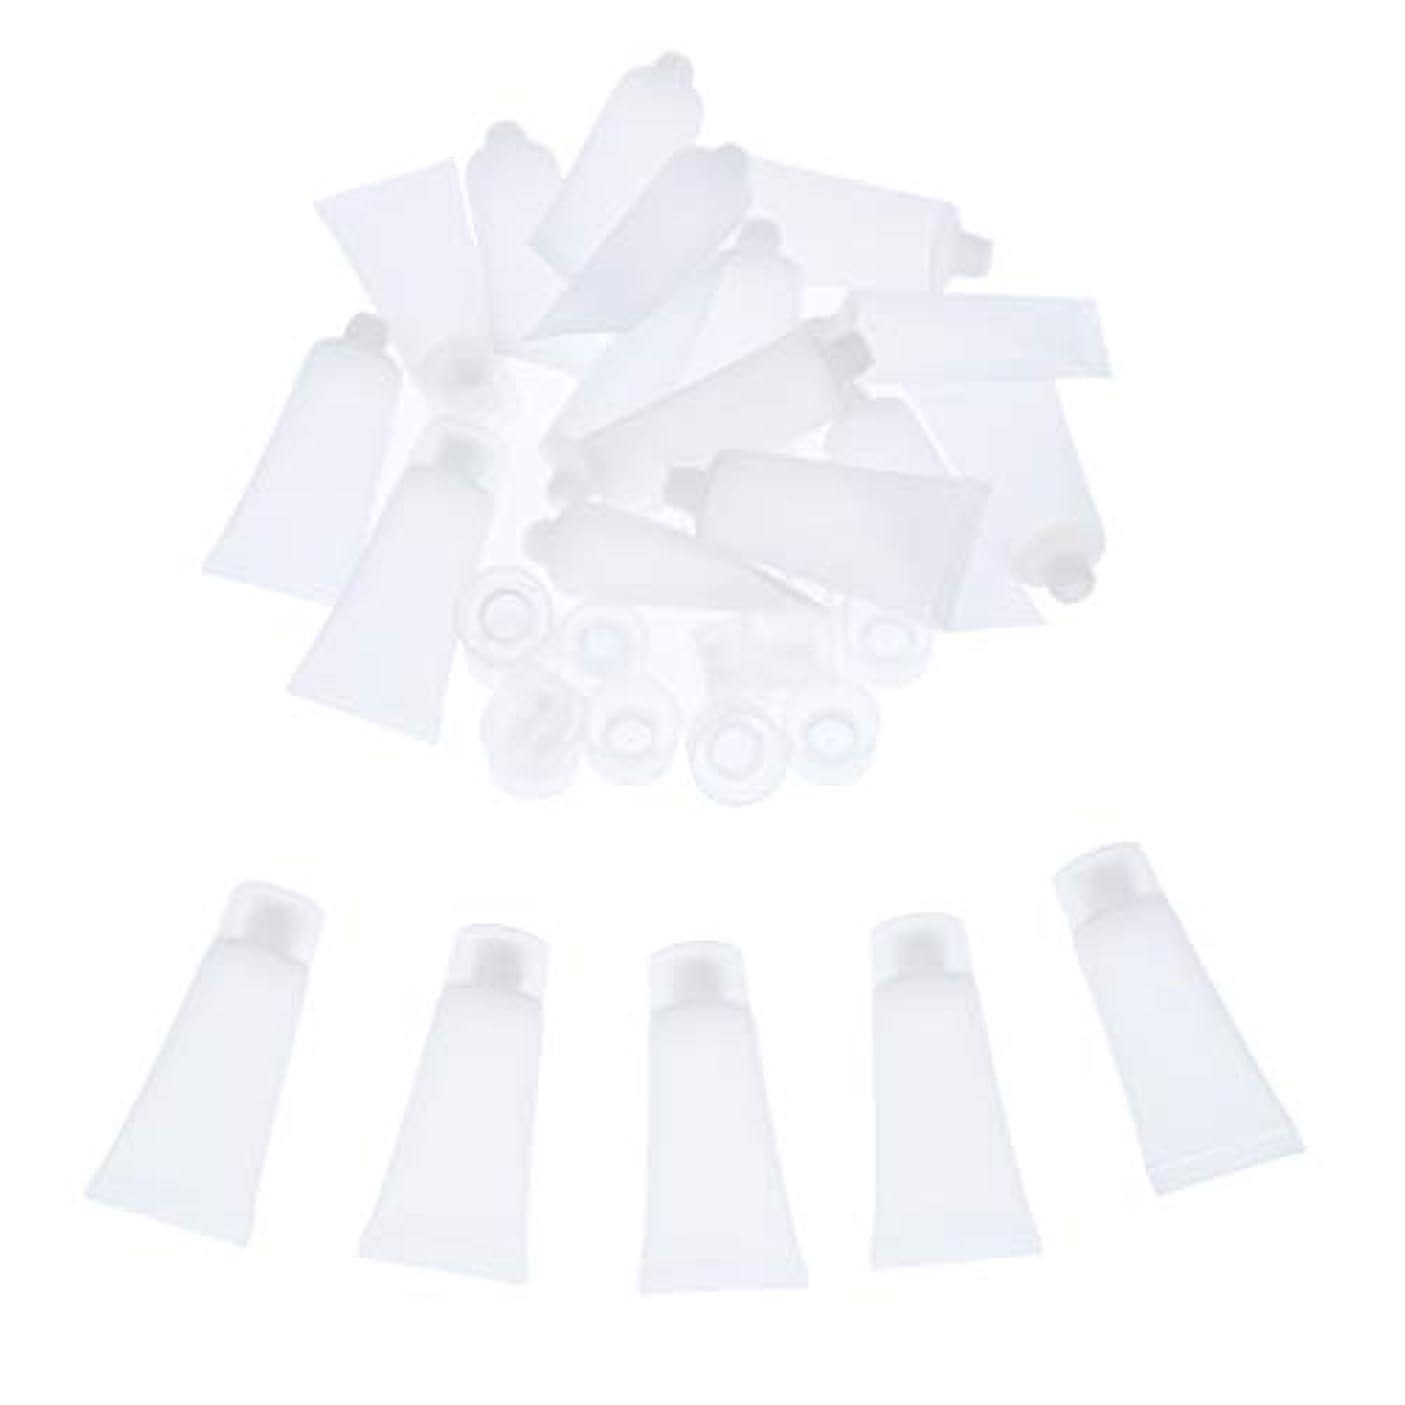 拍手影響リネンクリーム チューブ 詰め替え ローション チューブ プラスチック素材 約20個入り 全4サイズ - 20ml